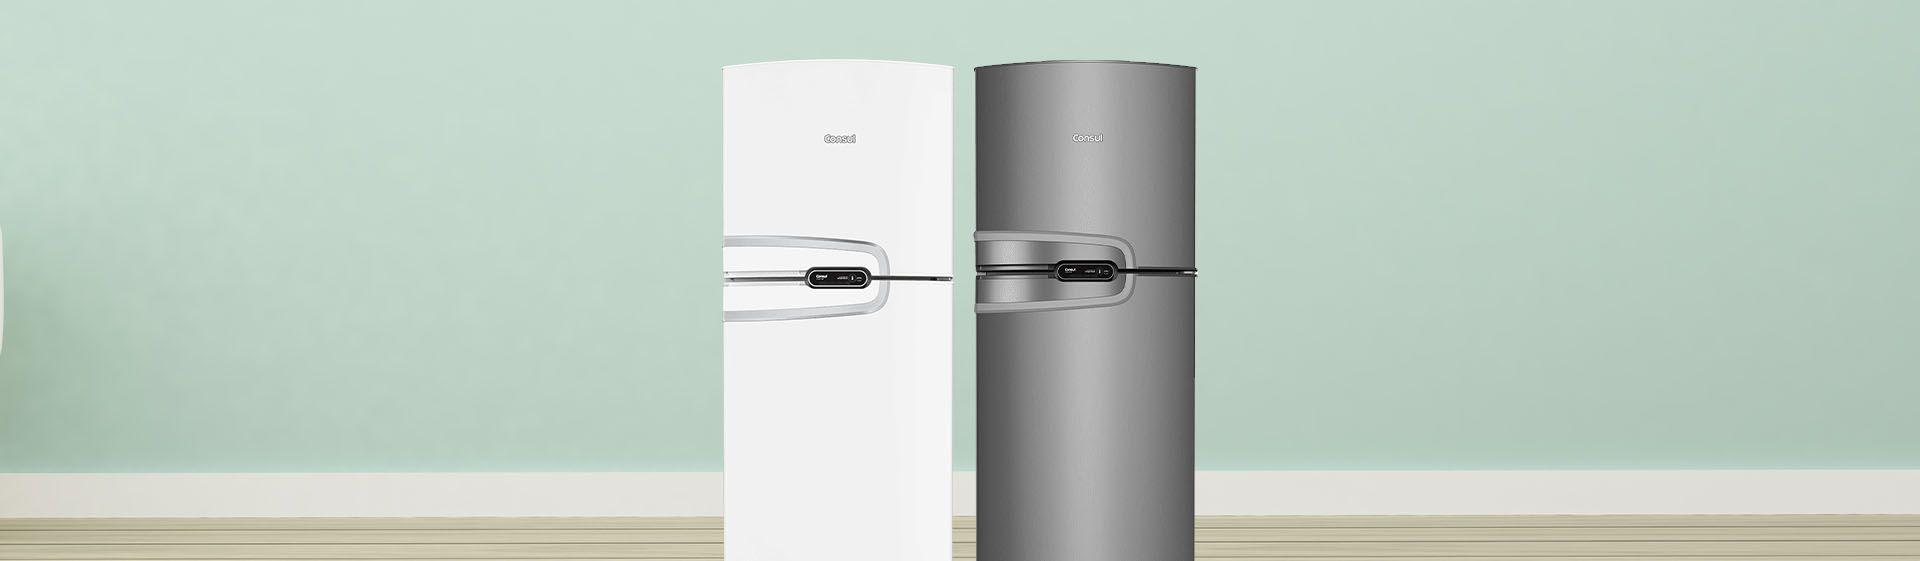 Consul CRM43 vs CRM54: qual dessas geladeiras Consul duplex é melhor?